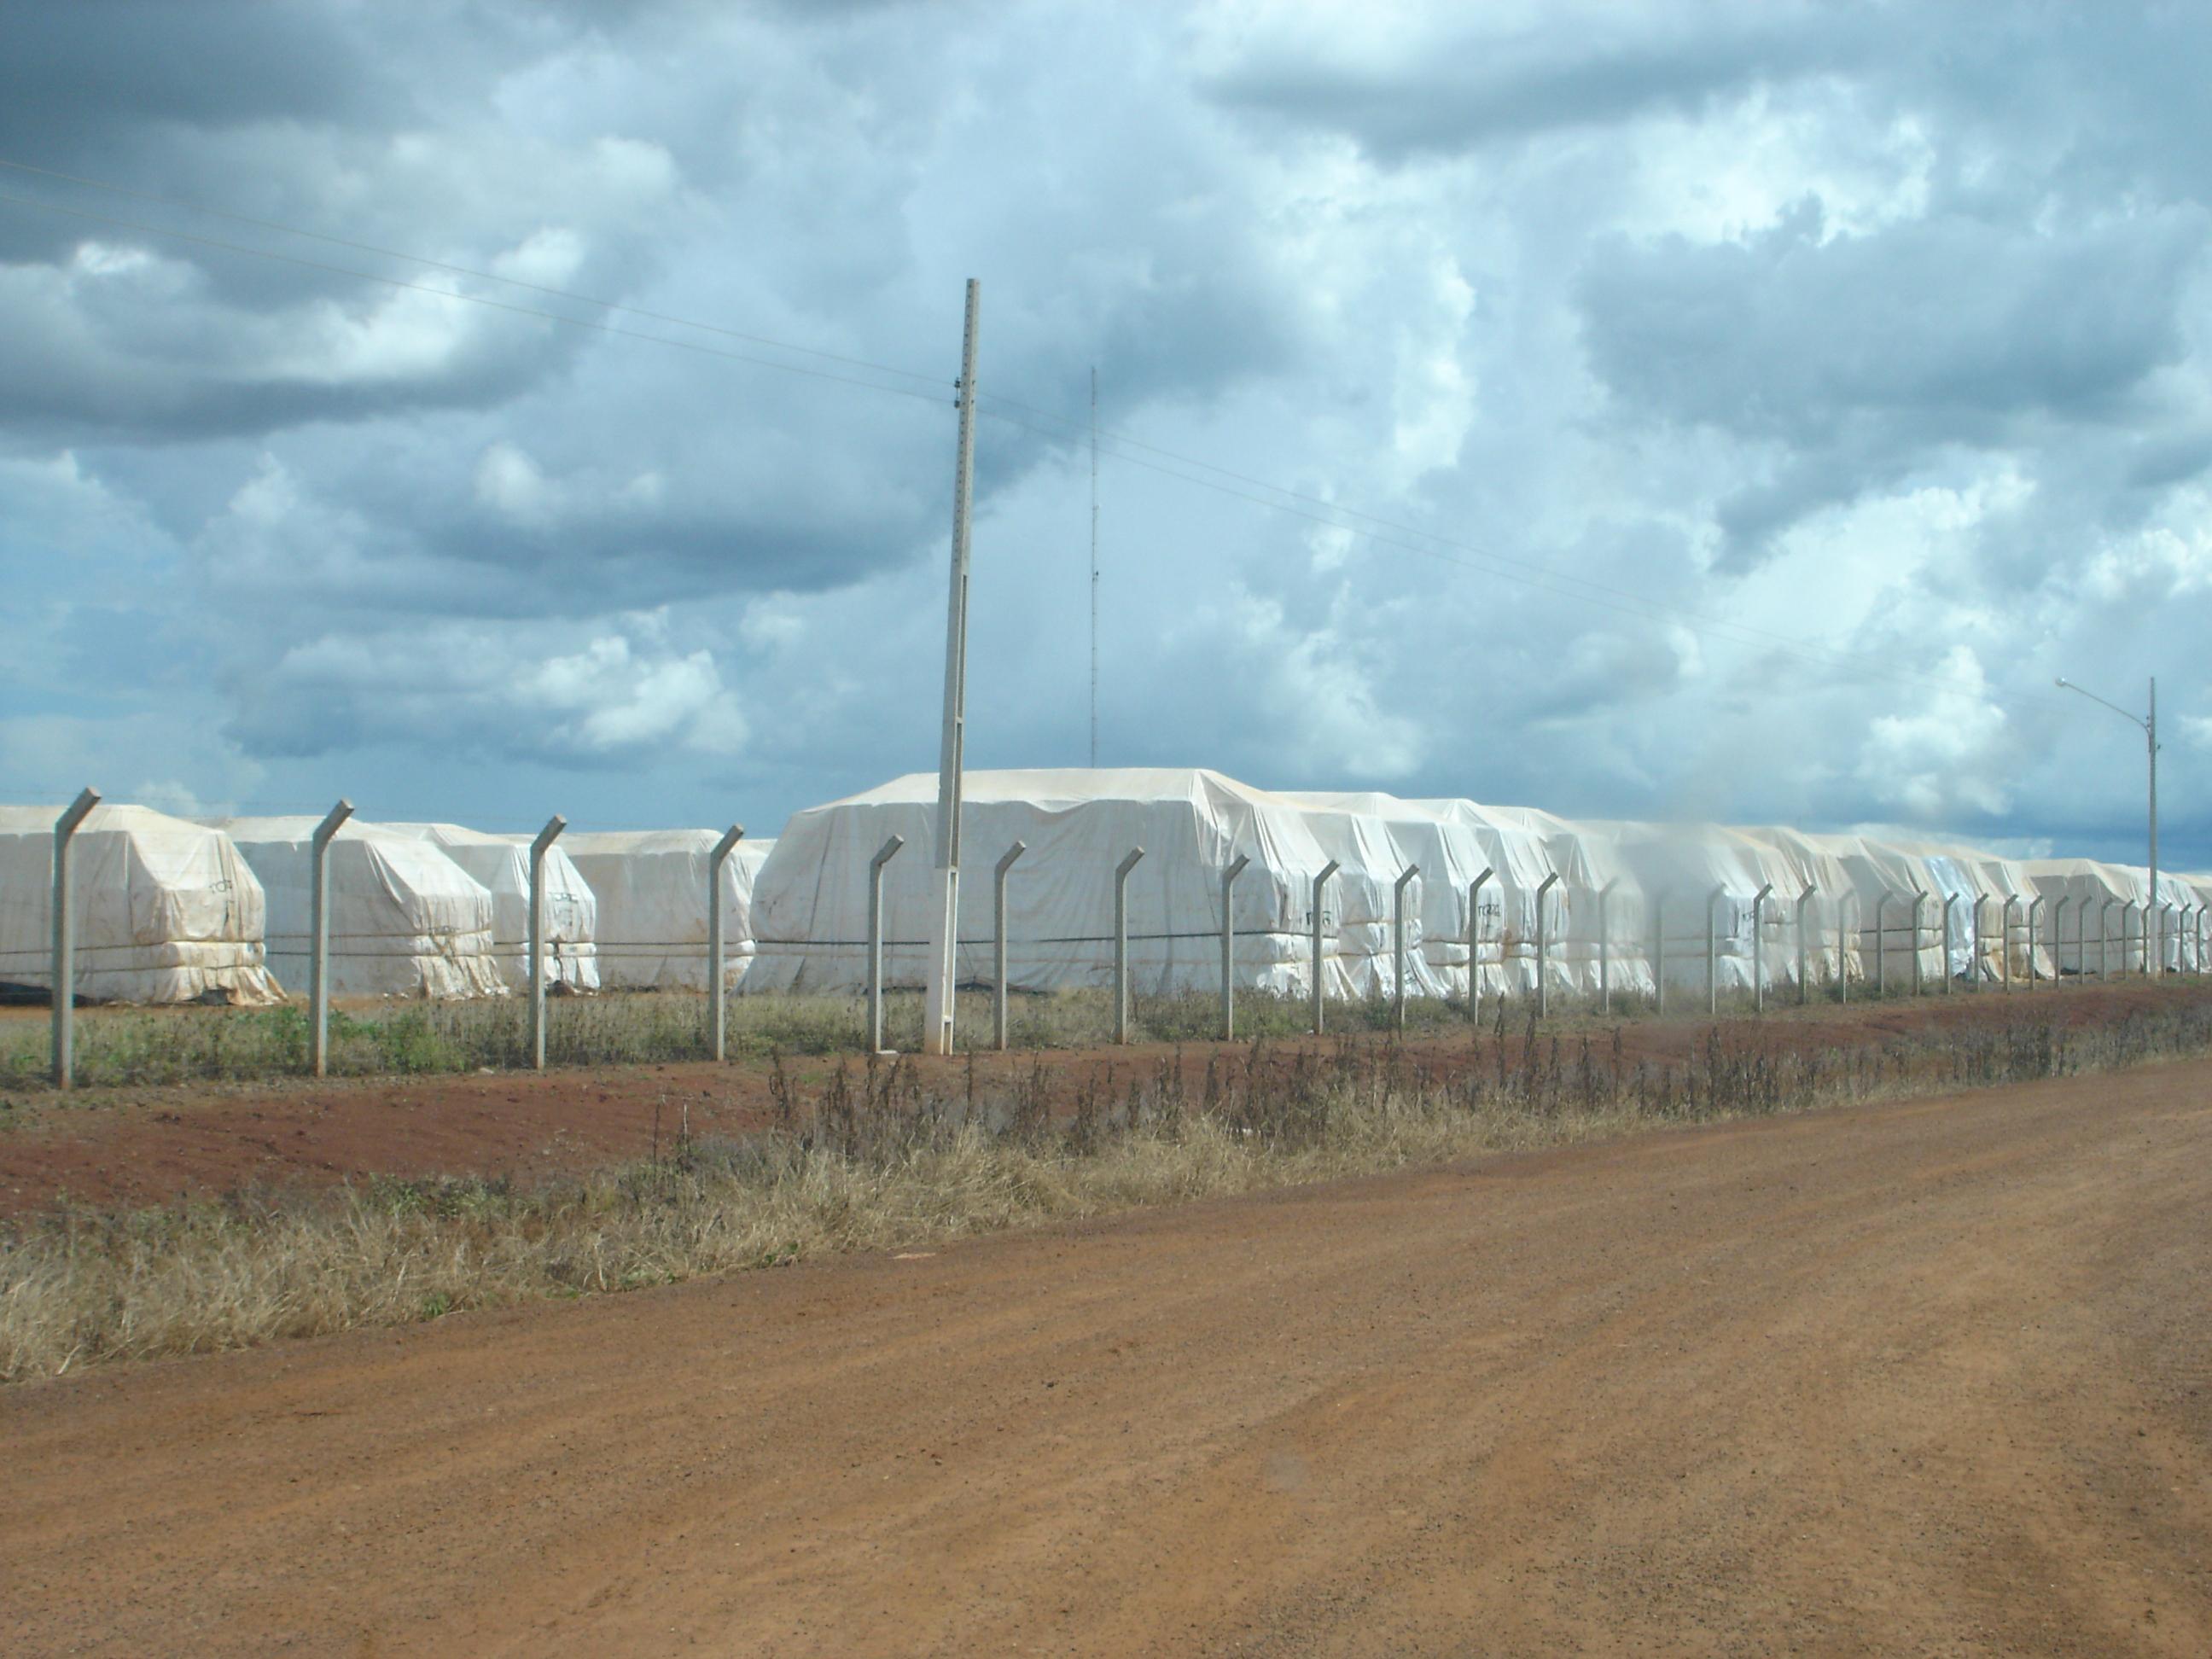 Cotton awaiting shipment on Ferronorte Railroad in Mato Grosso